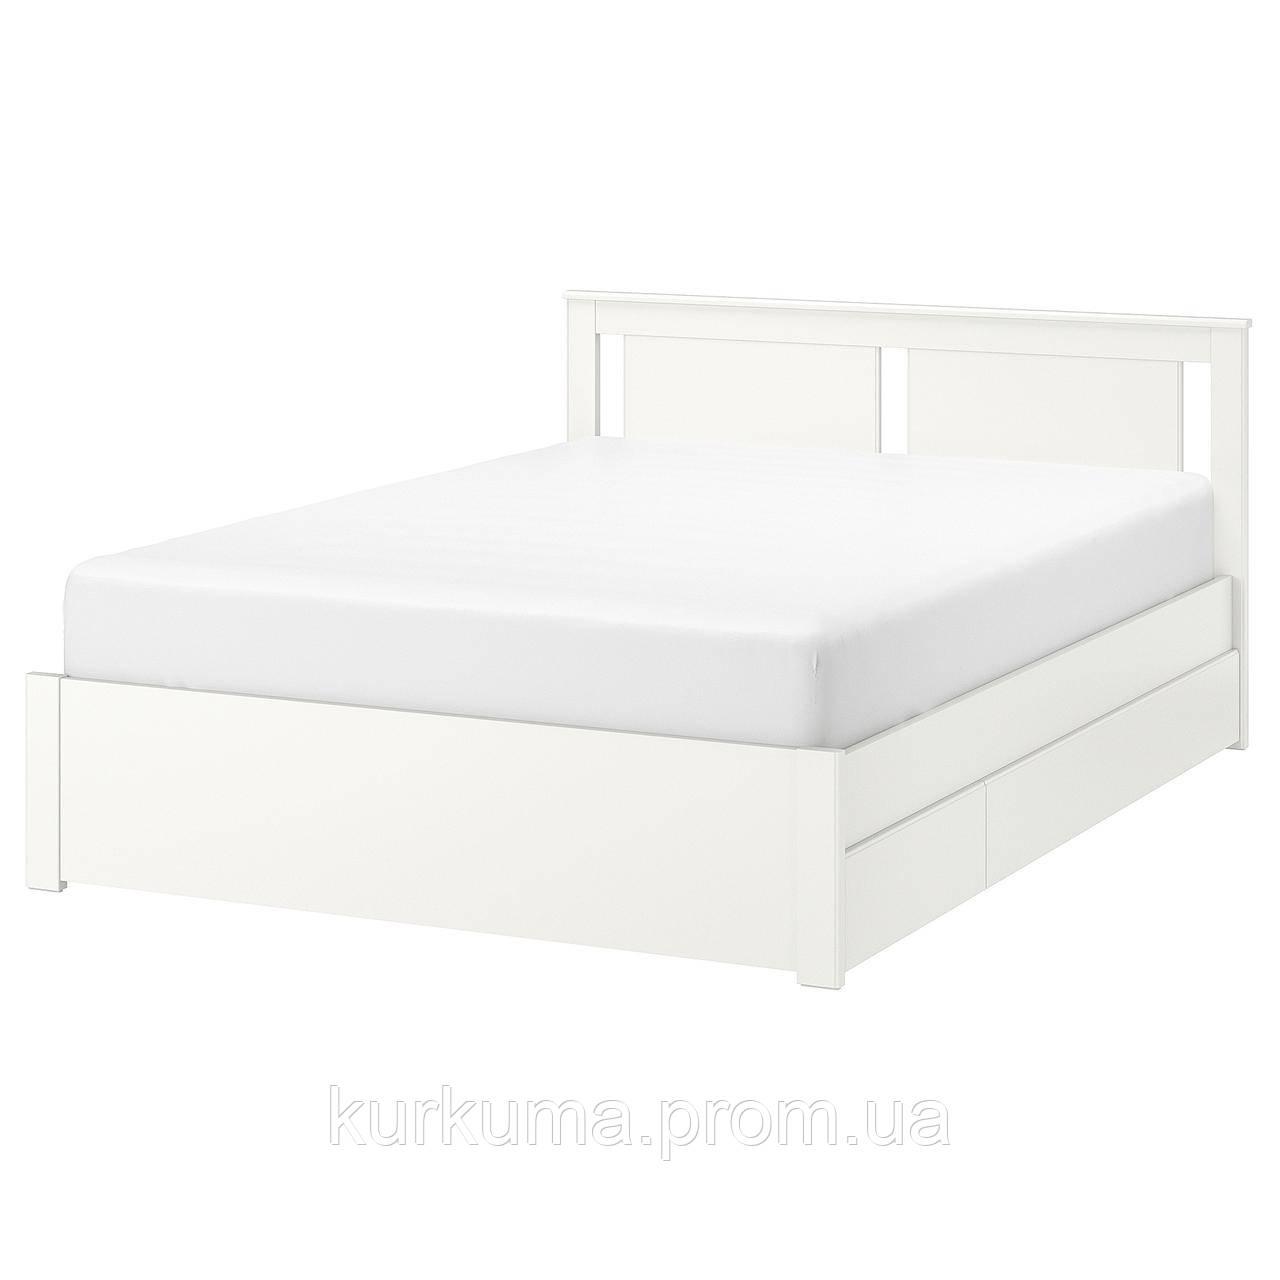 IKEA SONGESAND Кровать с 2 ящиками, белый  (192.412.07)